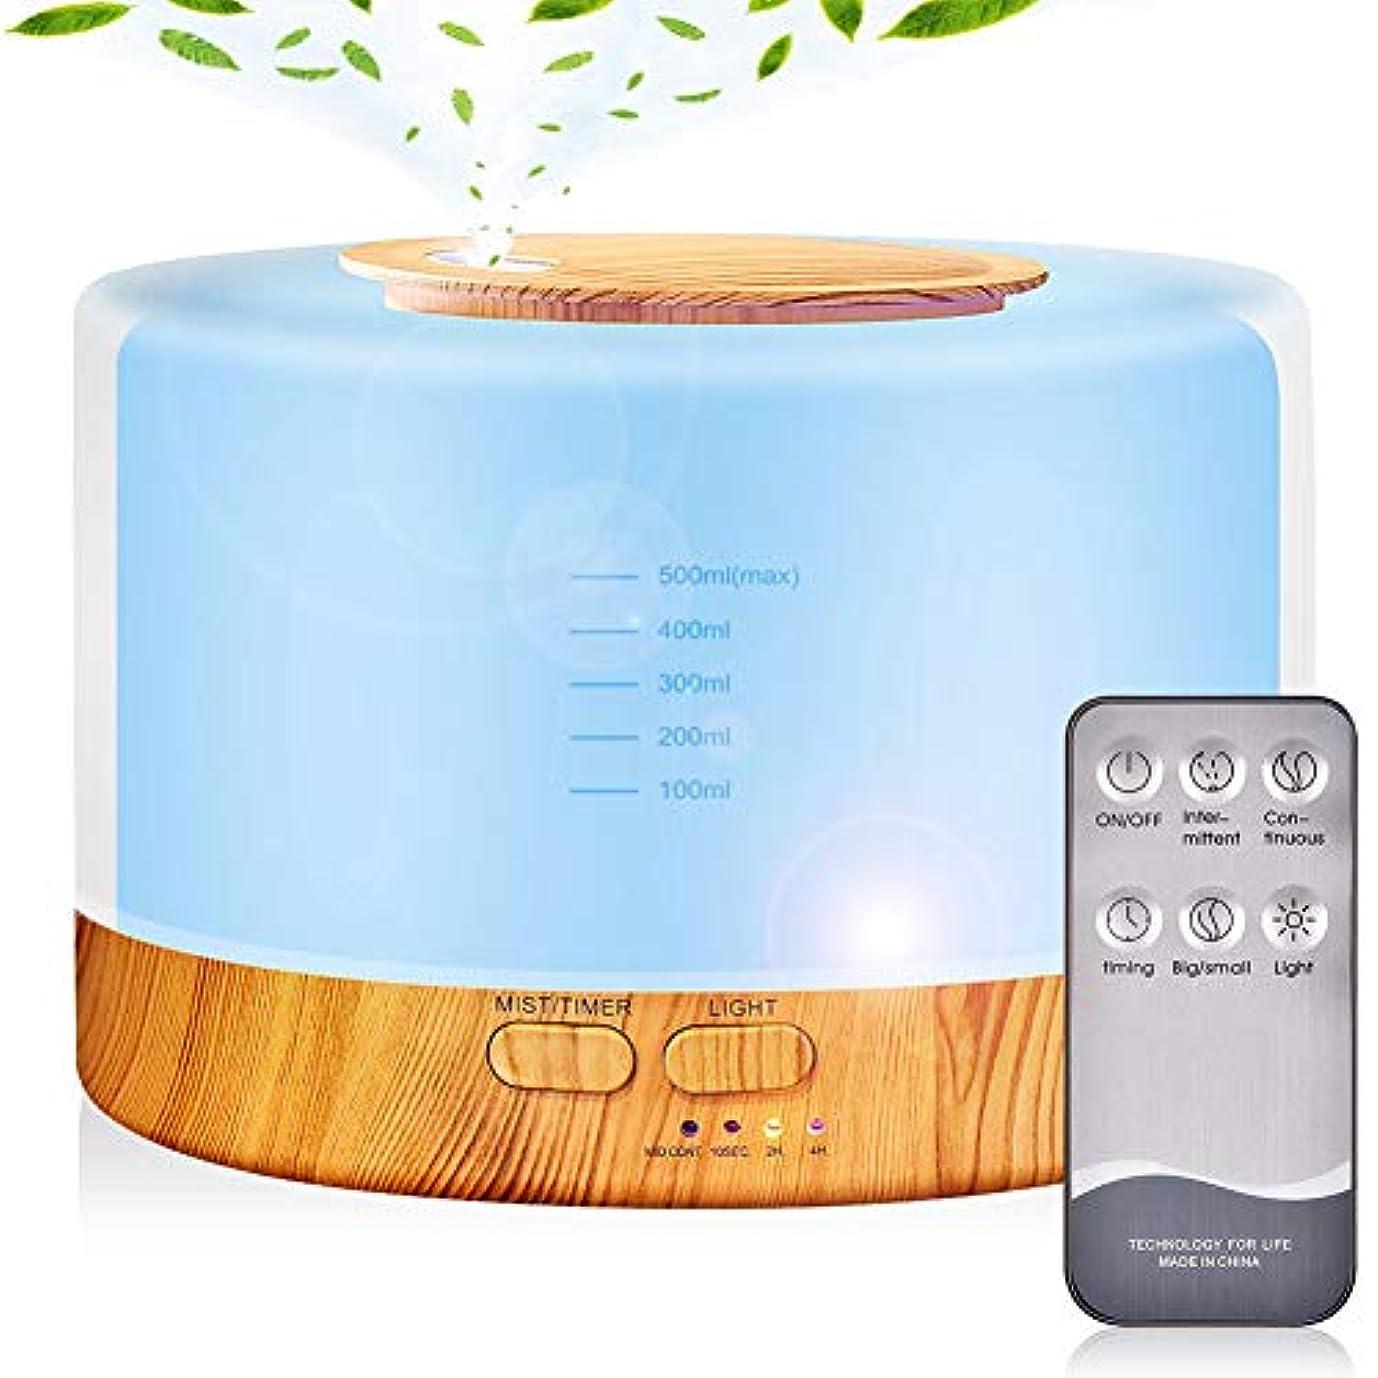 アダルトランチフローアロマディフューザー 加湿器, 卓上 大容量 超音波加湿器, 500ML 保湿 時間設定 空焚き防止 7色変換LED搭載 (木目調)